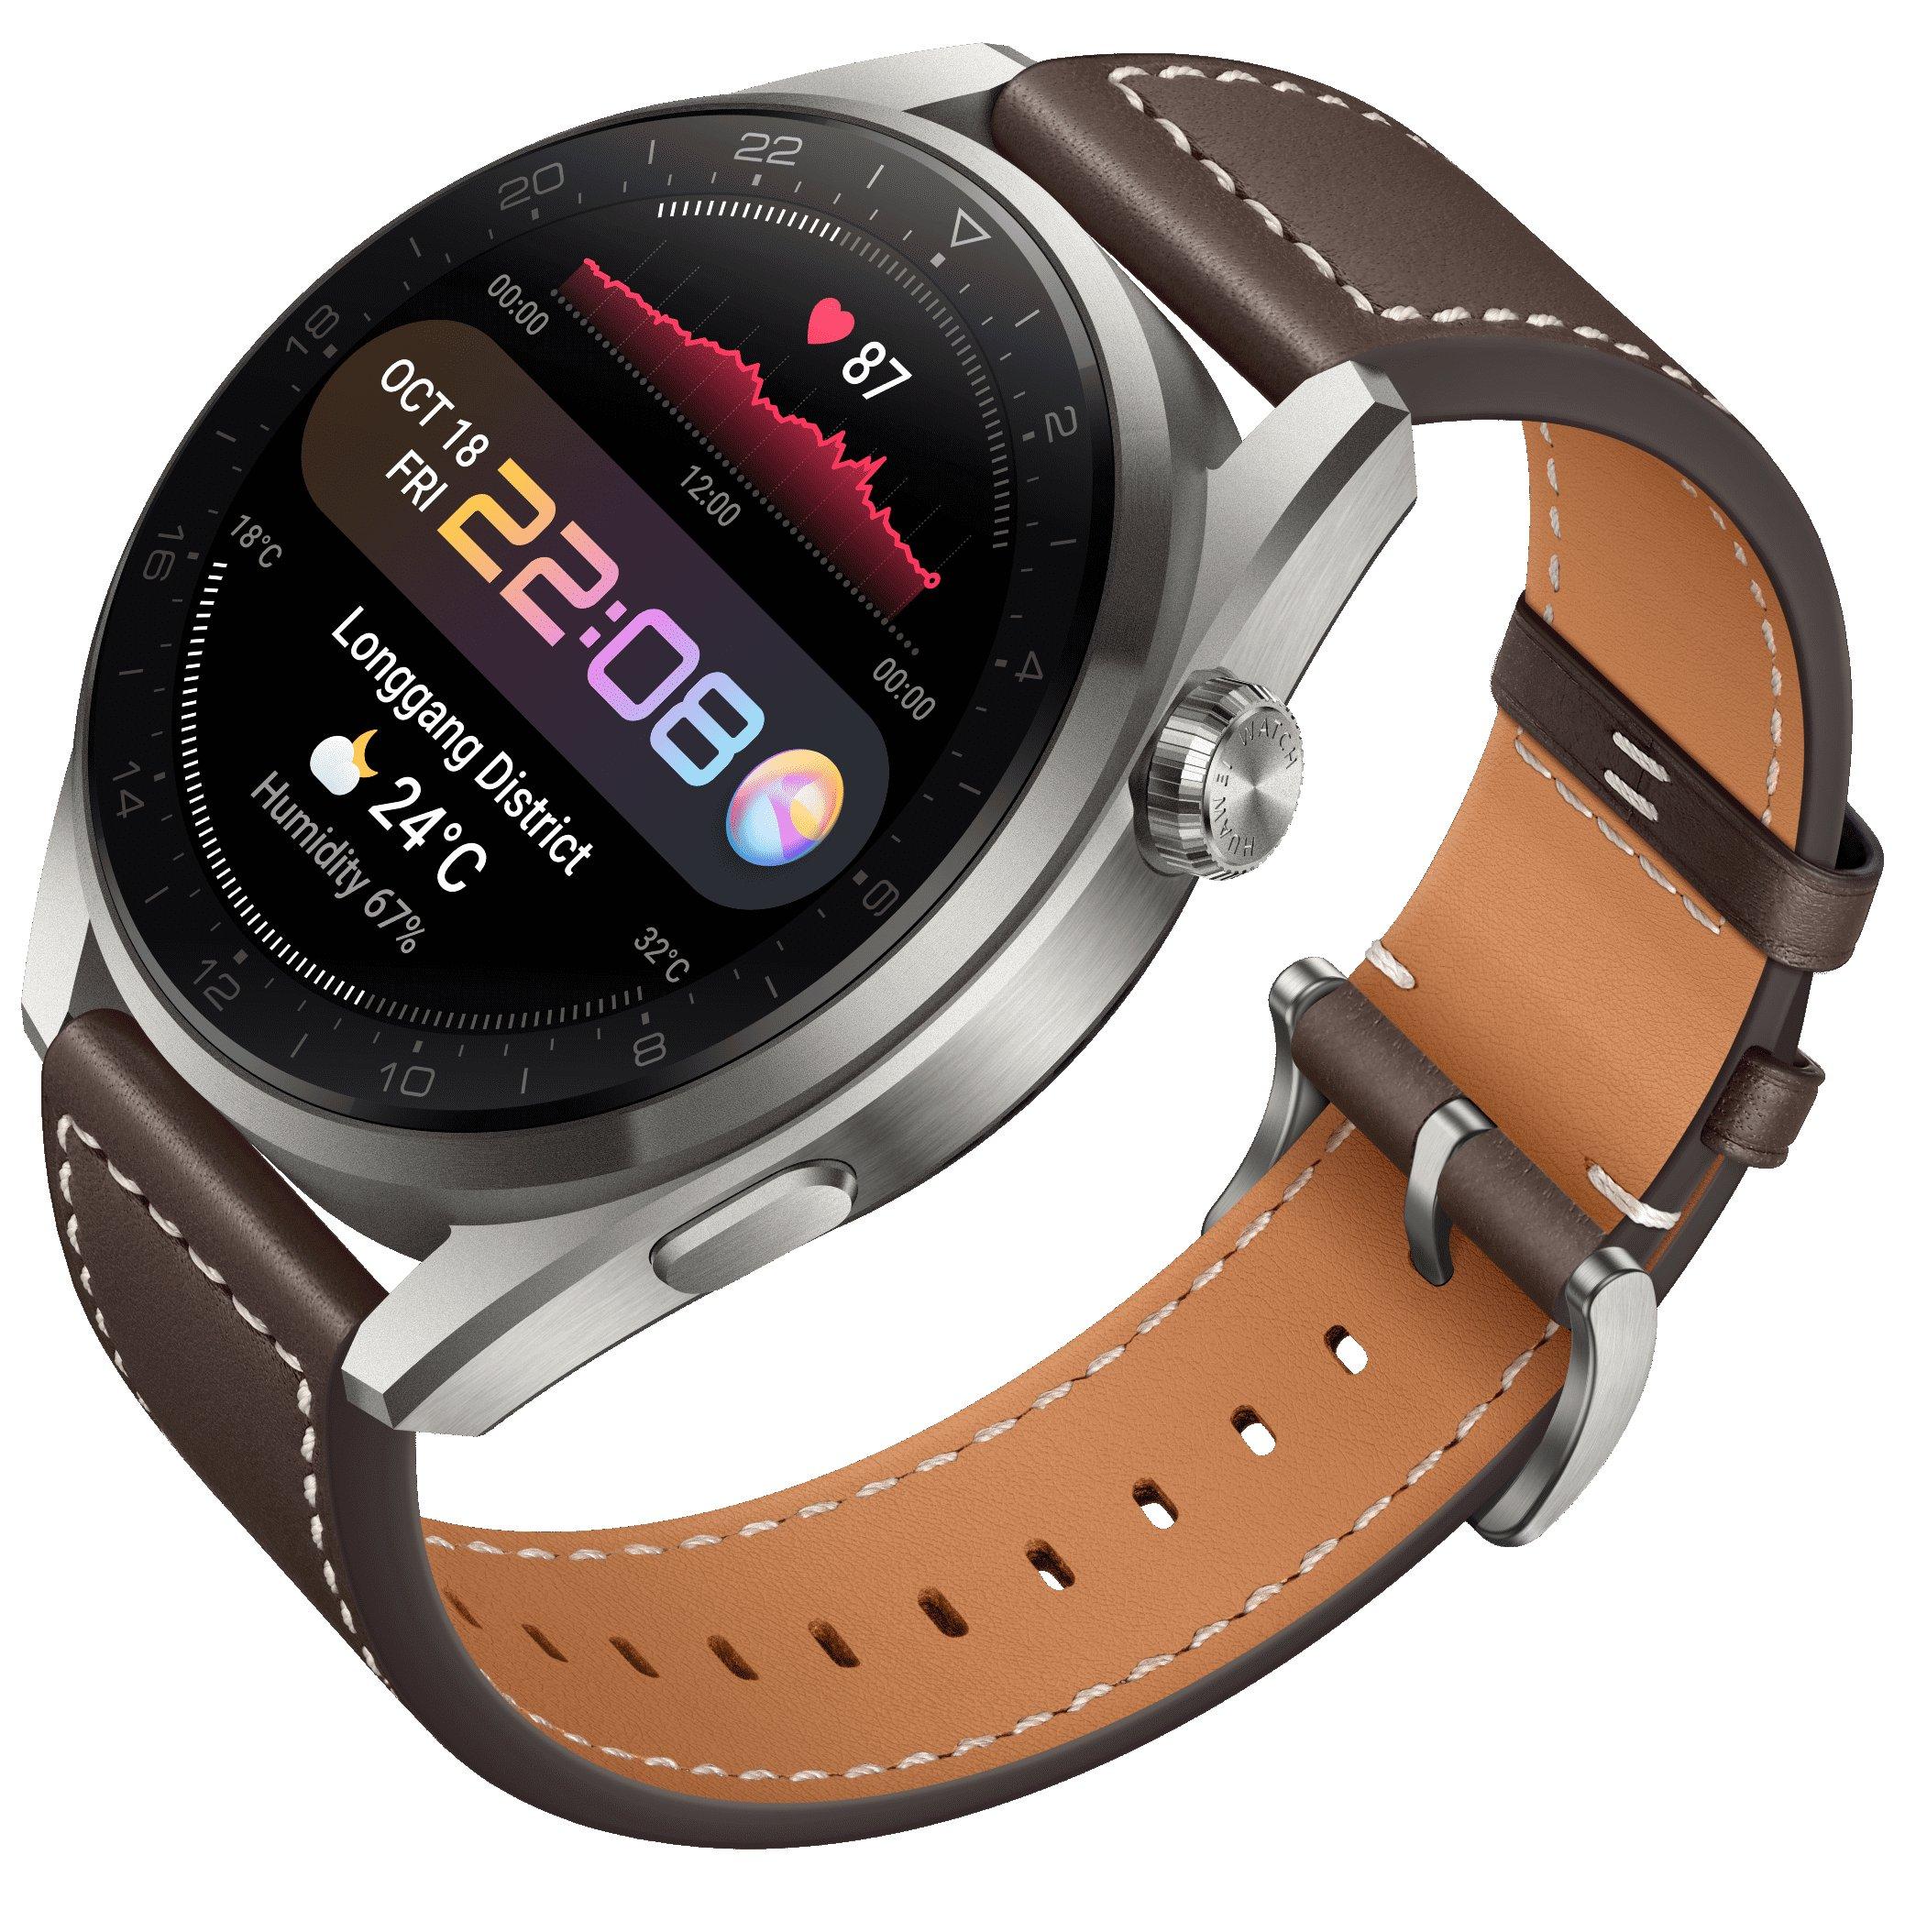 ساعتهای هوشمند جدید واچ 3 و واچ 3 پرو هوآوی چه مشخصاتی دارند؟